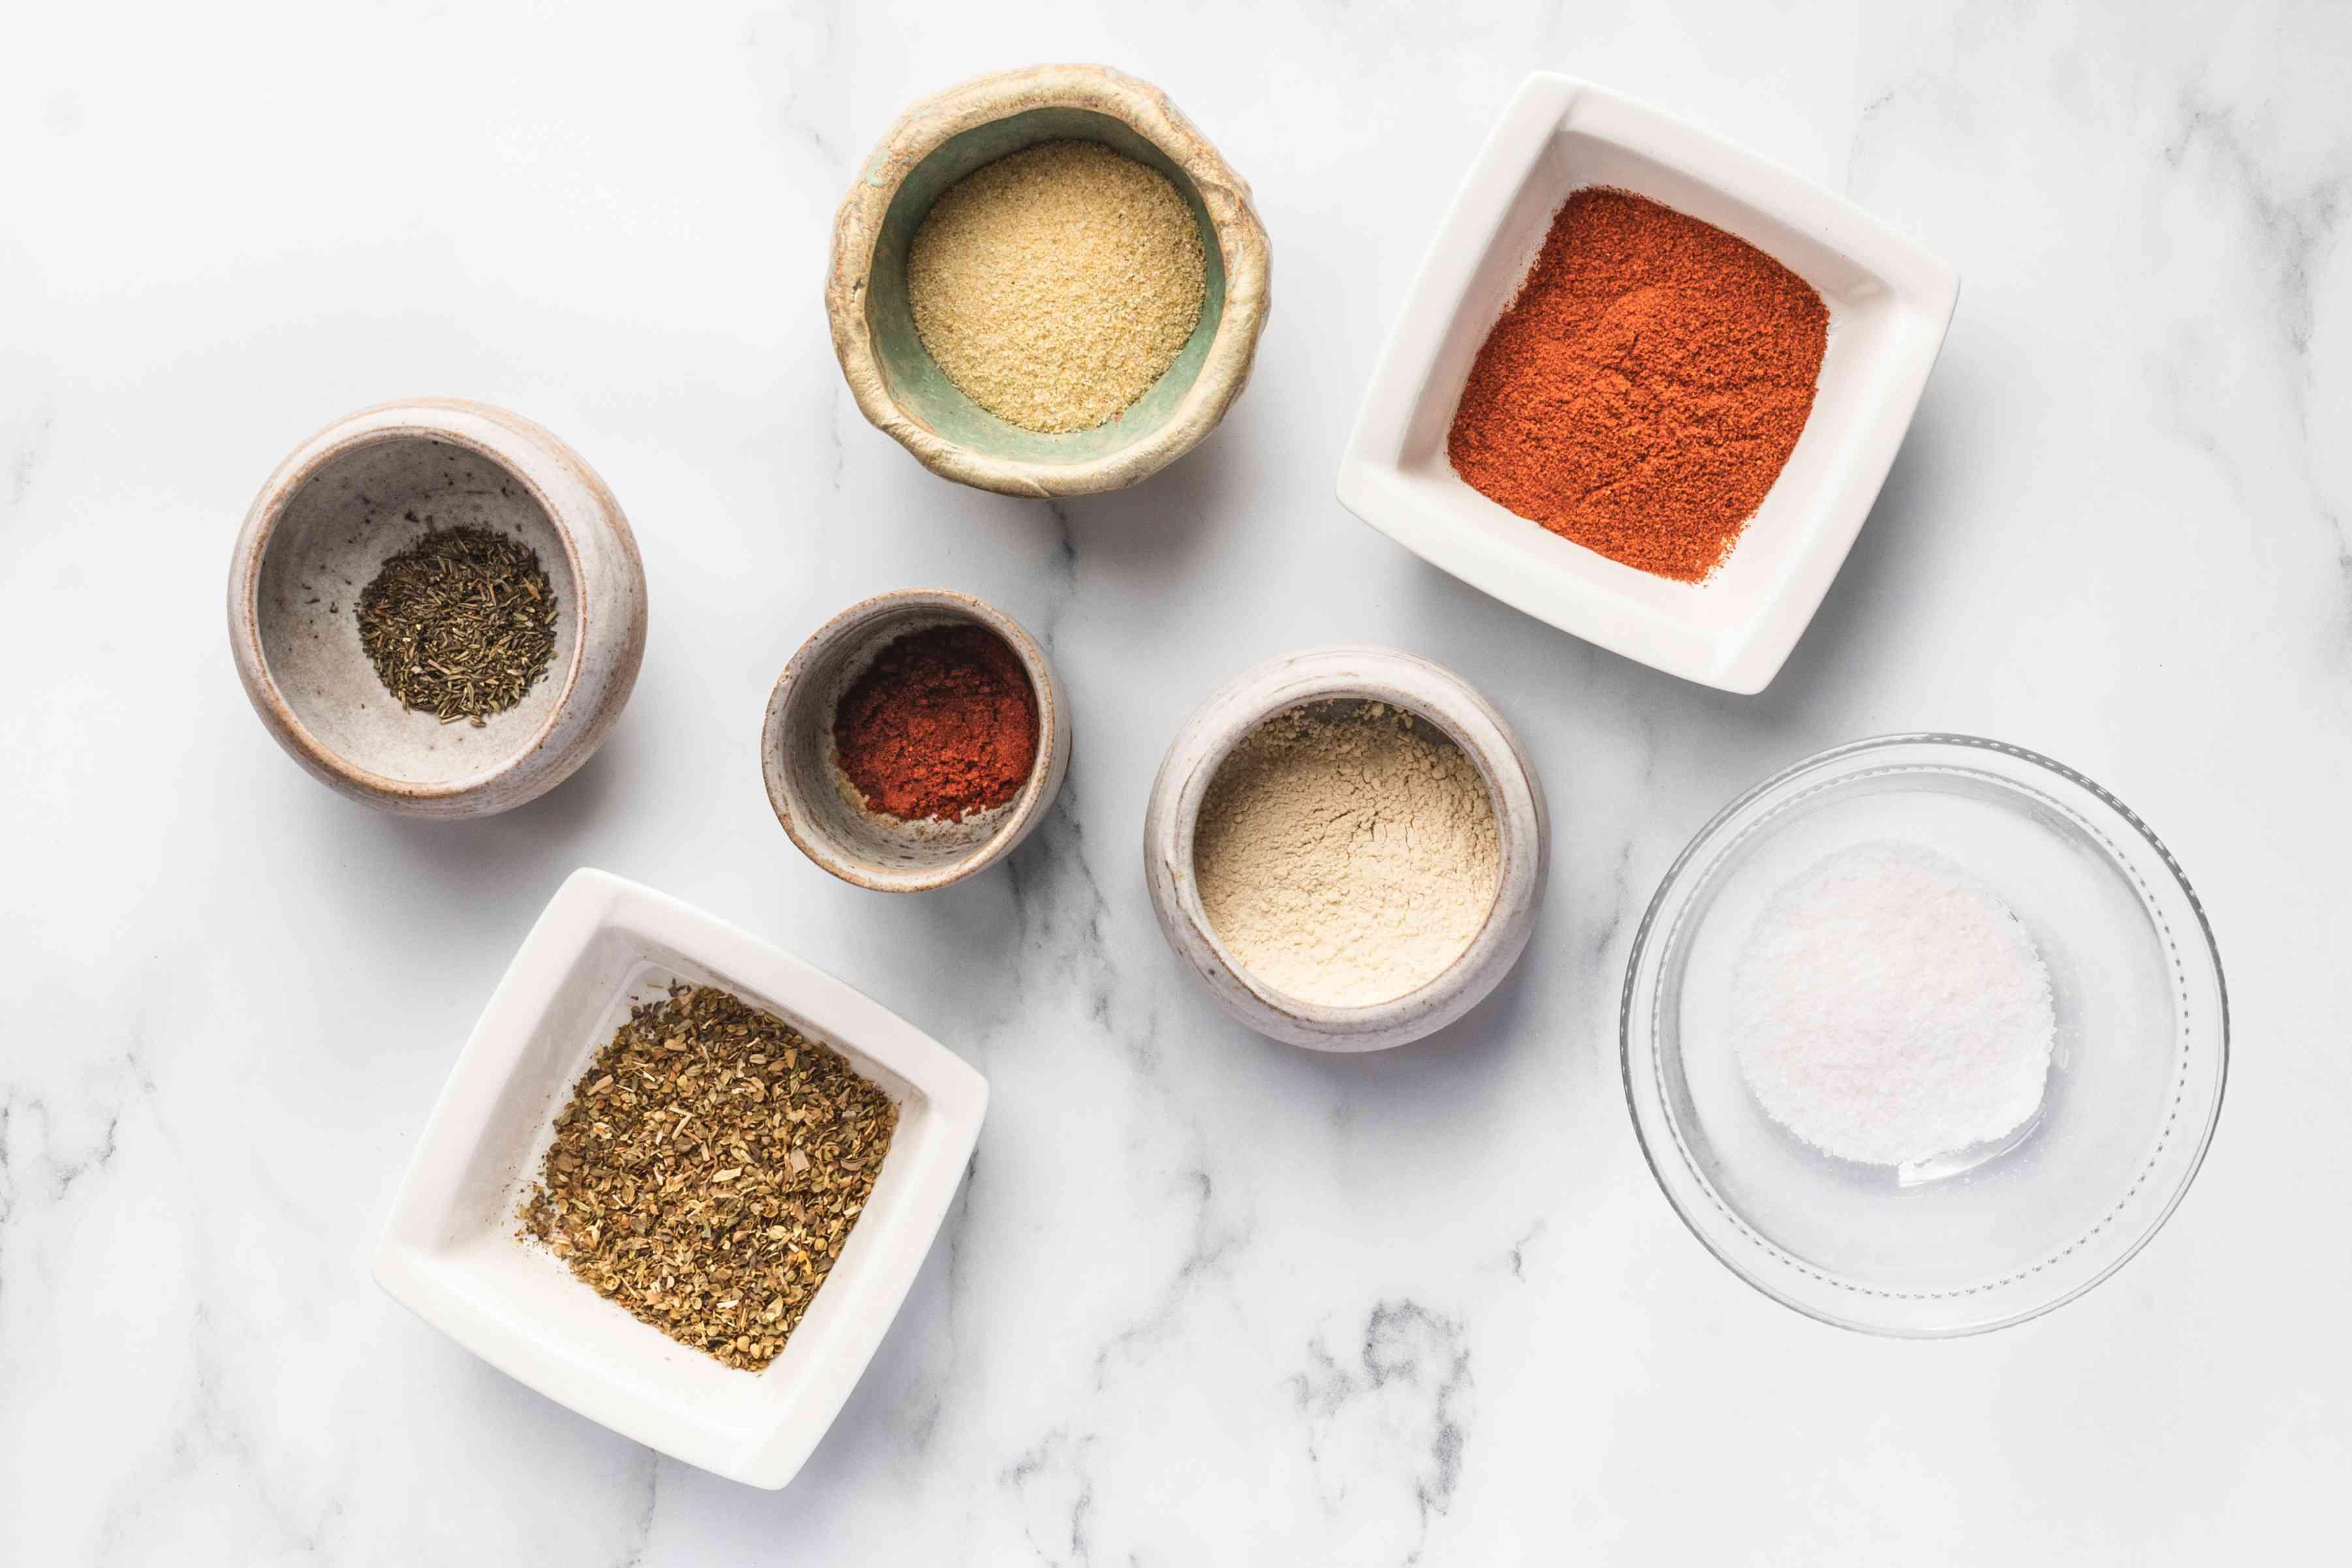 Ingredients for cajun turkey seasoning